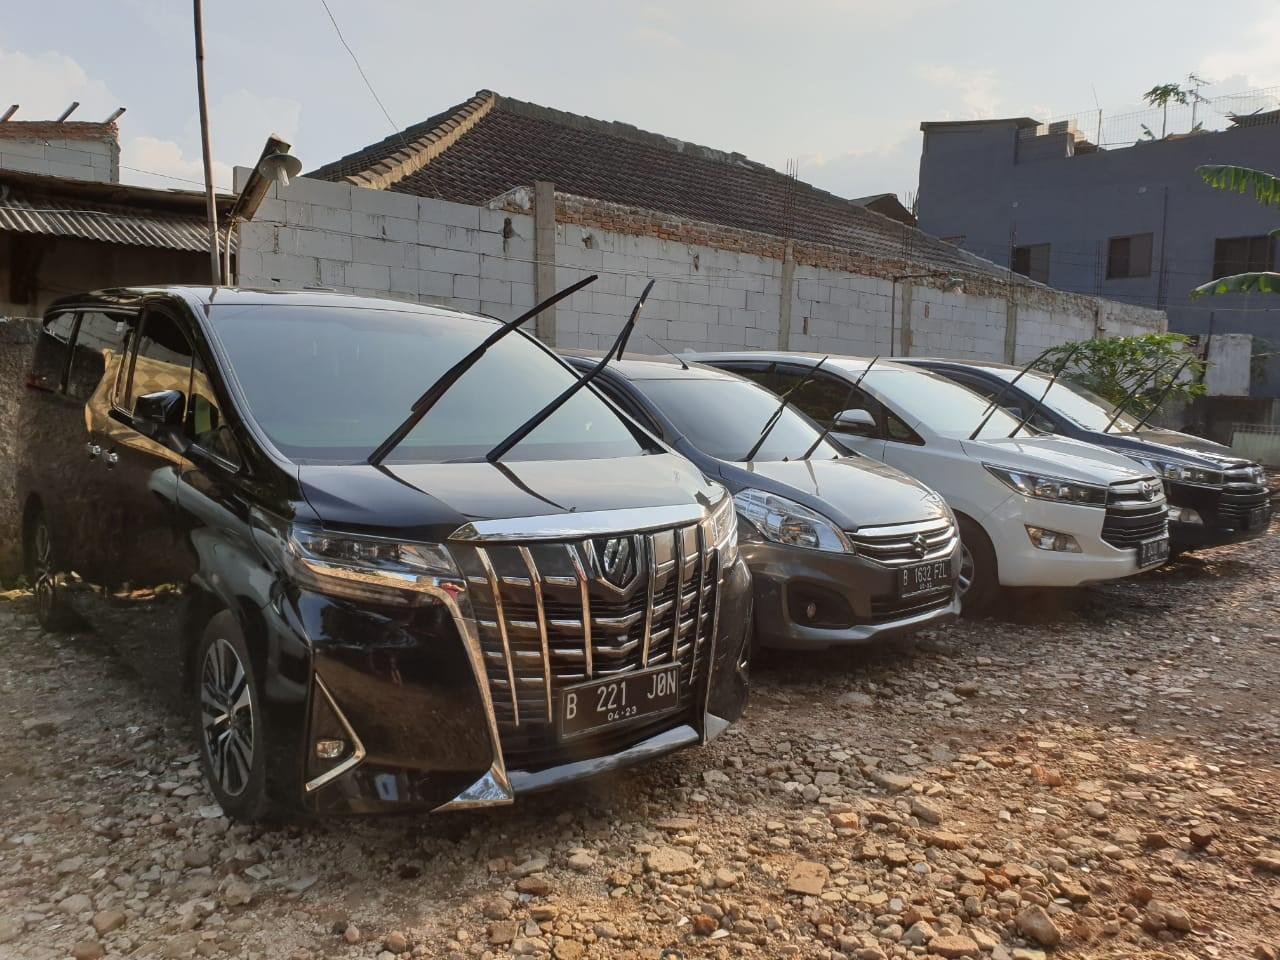 Asiknya Bertamasya Bersama Jasa Rental Mobil Di Jakarta Barat 081285092594